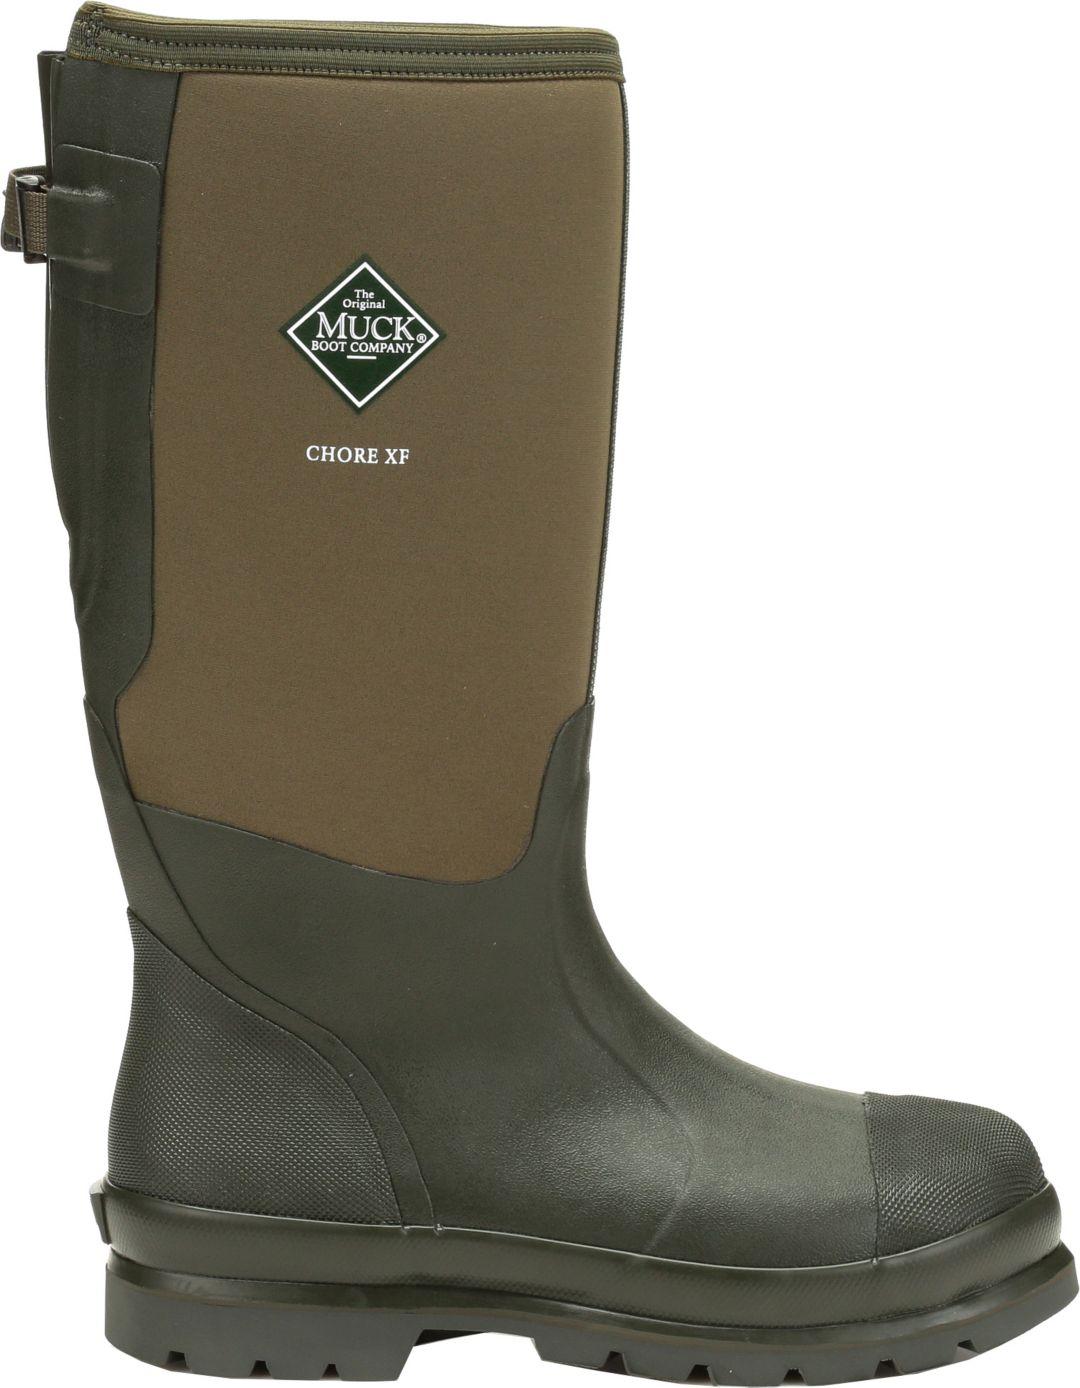 cf6e5d92d06 Muck Boots Men's Chore Classic Tall Gusset Work Boots